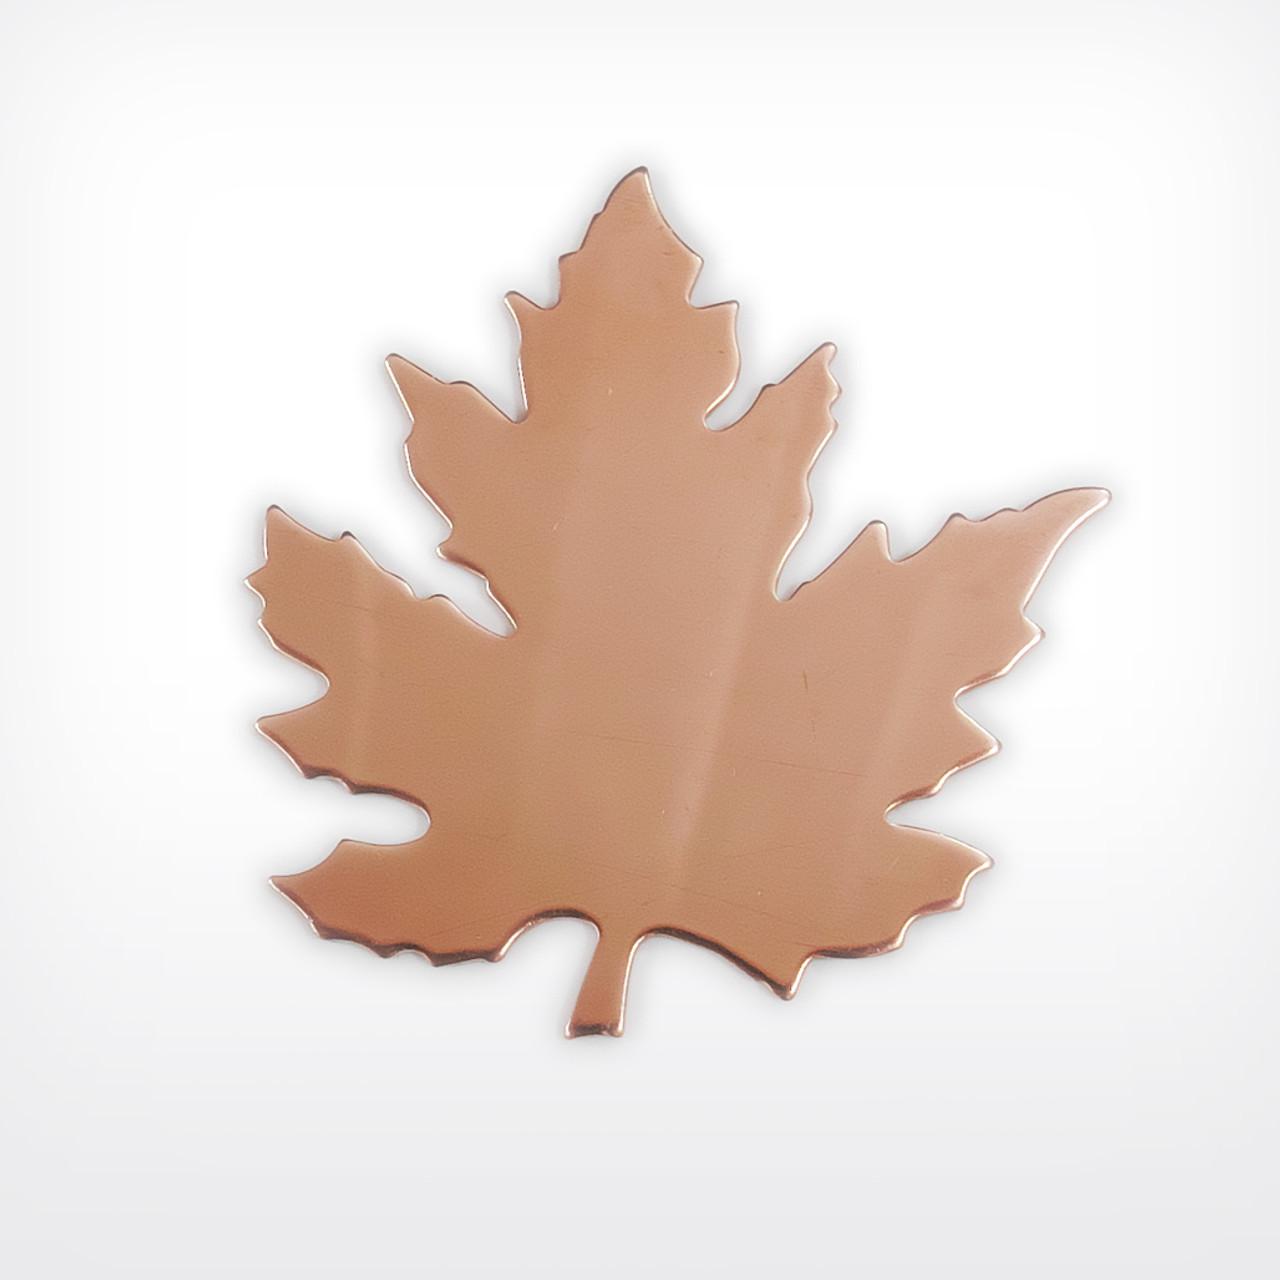 Copper Blank Leaf Stamped Shape for Enamelling & Other Crafts